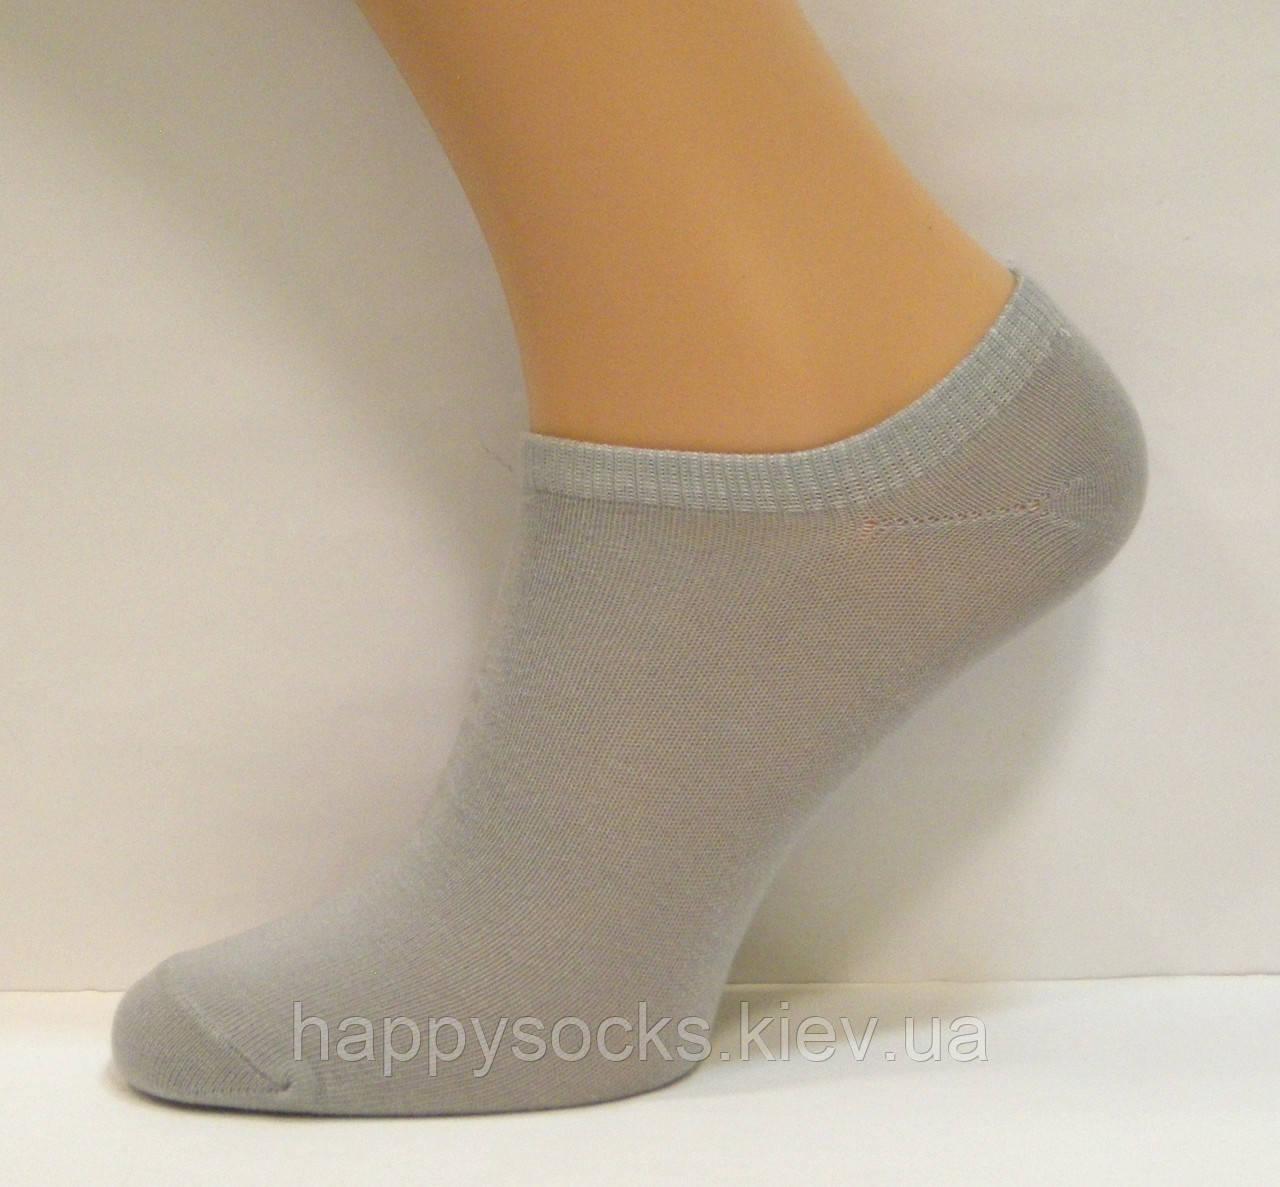 Низкие женские носки серого цвета